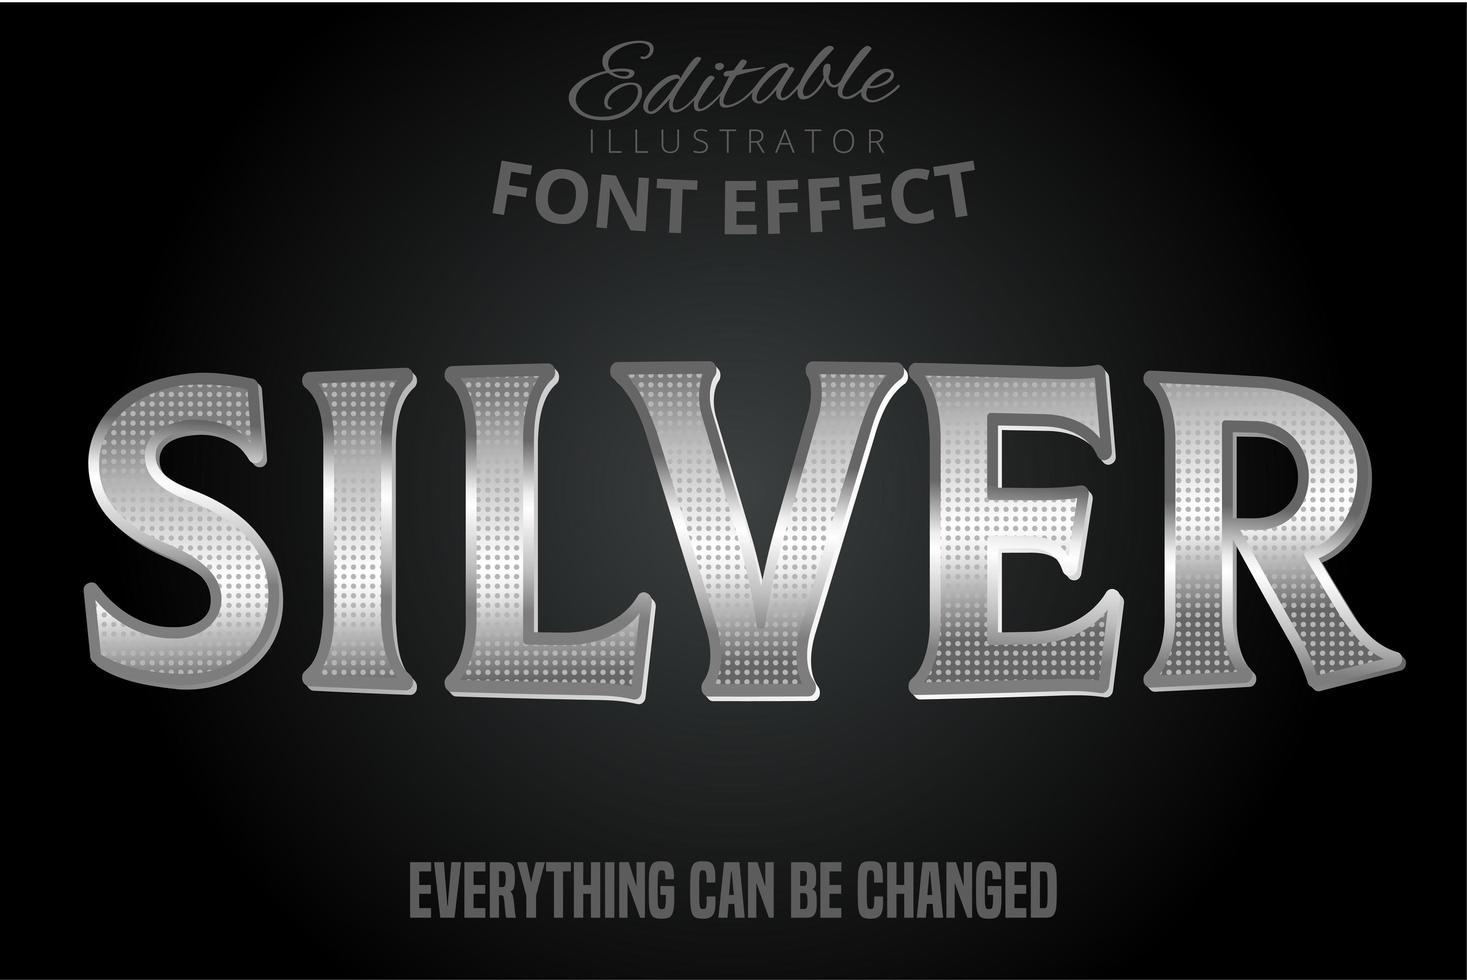 metallischer silberner Texteffekt vektor